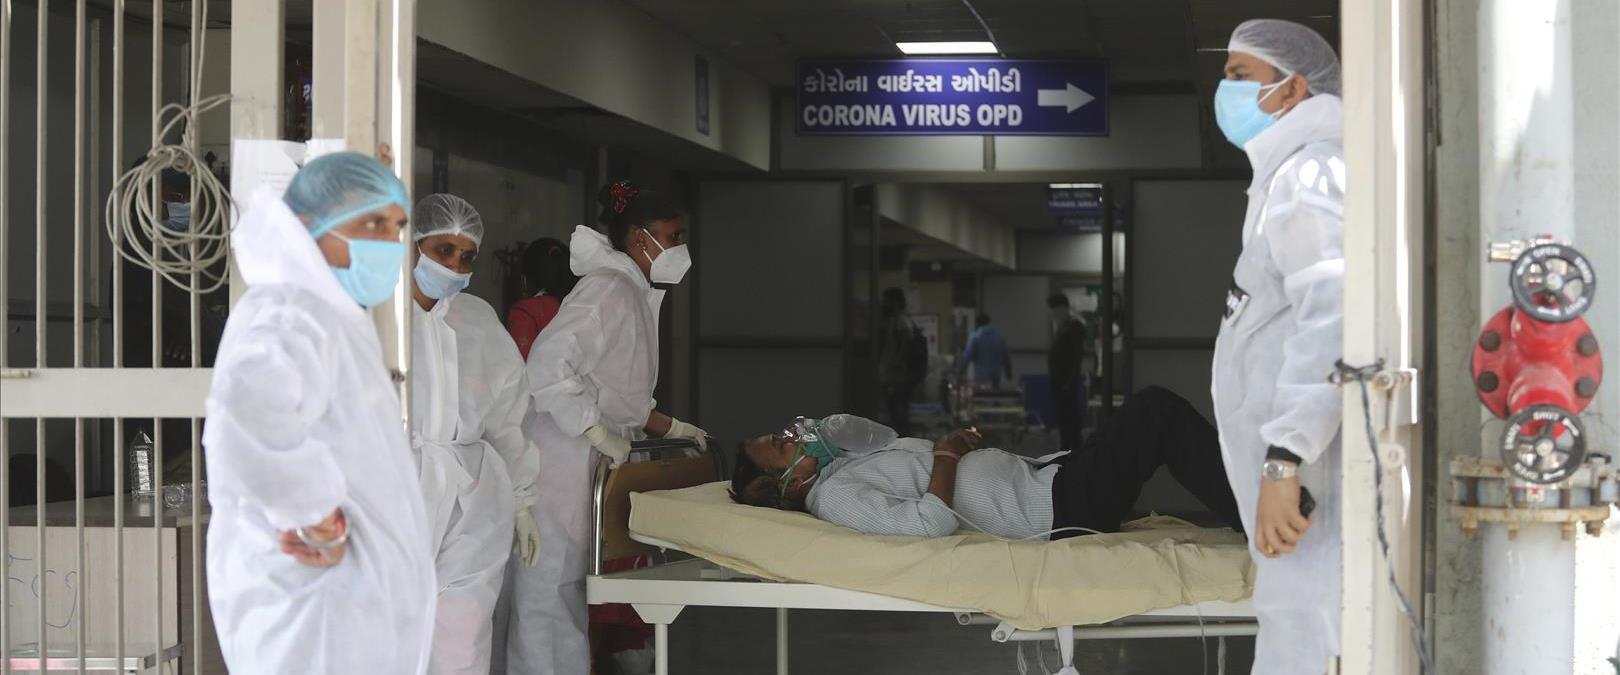 פינוי חולה קורונה לבית חולים בהודו